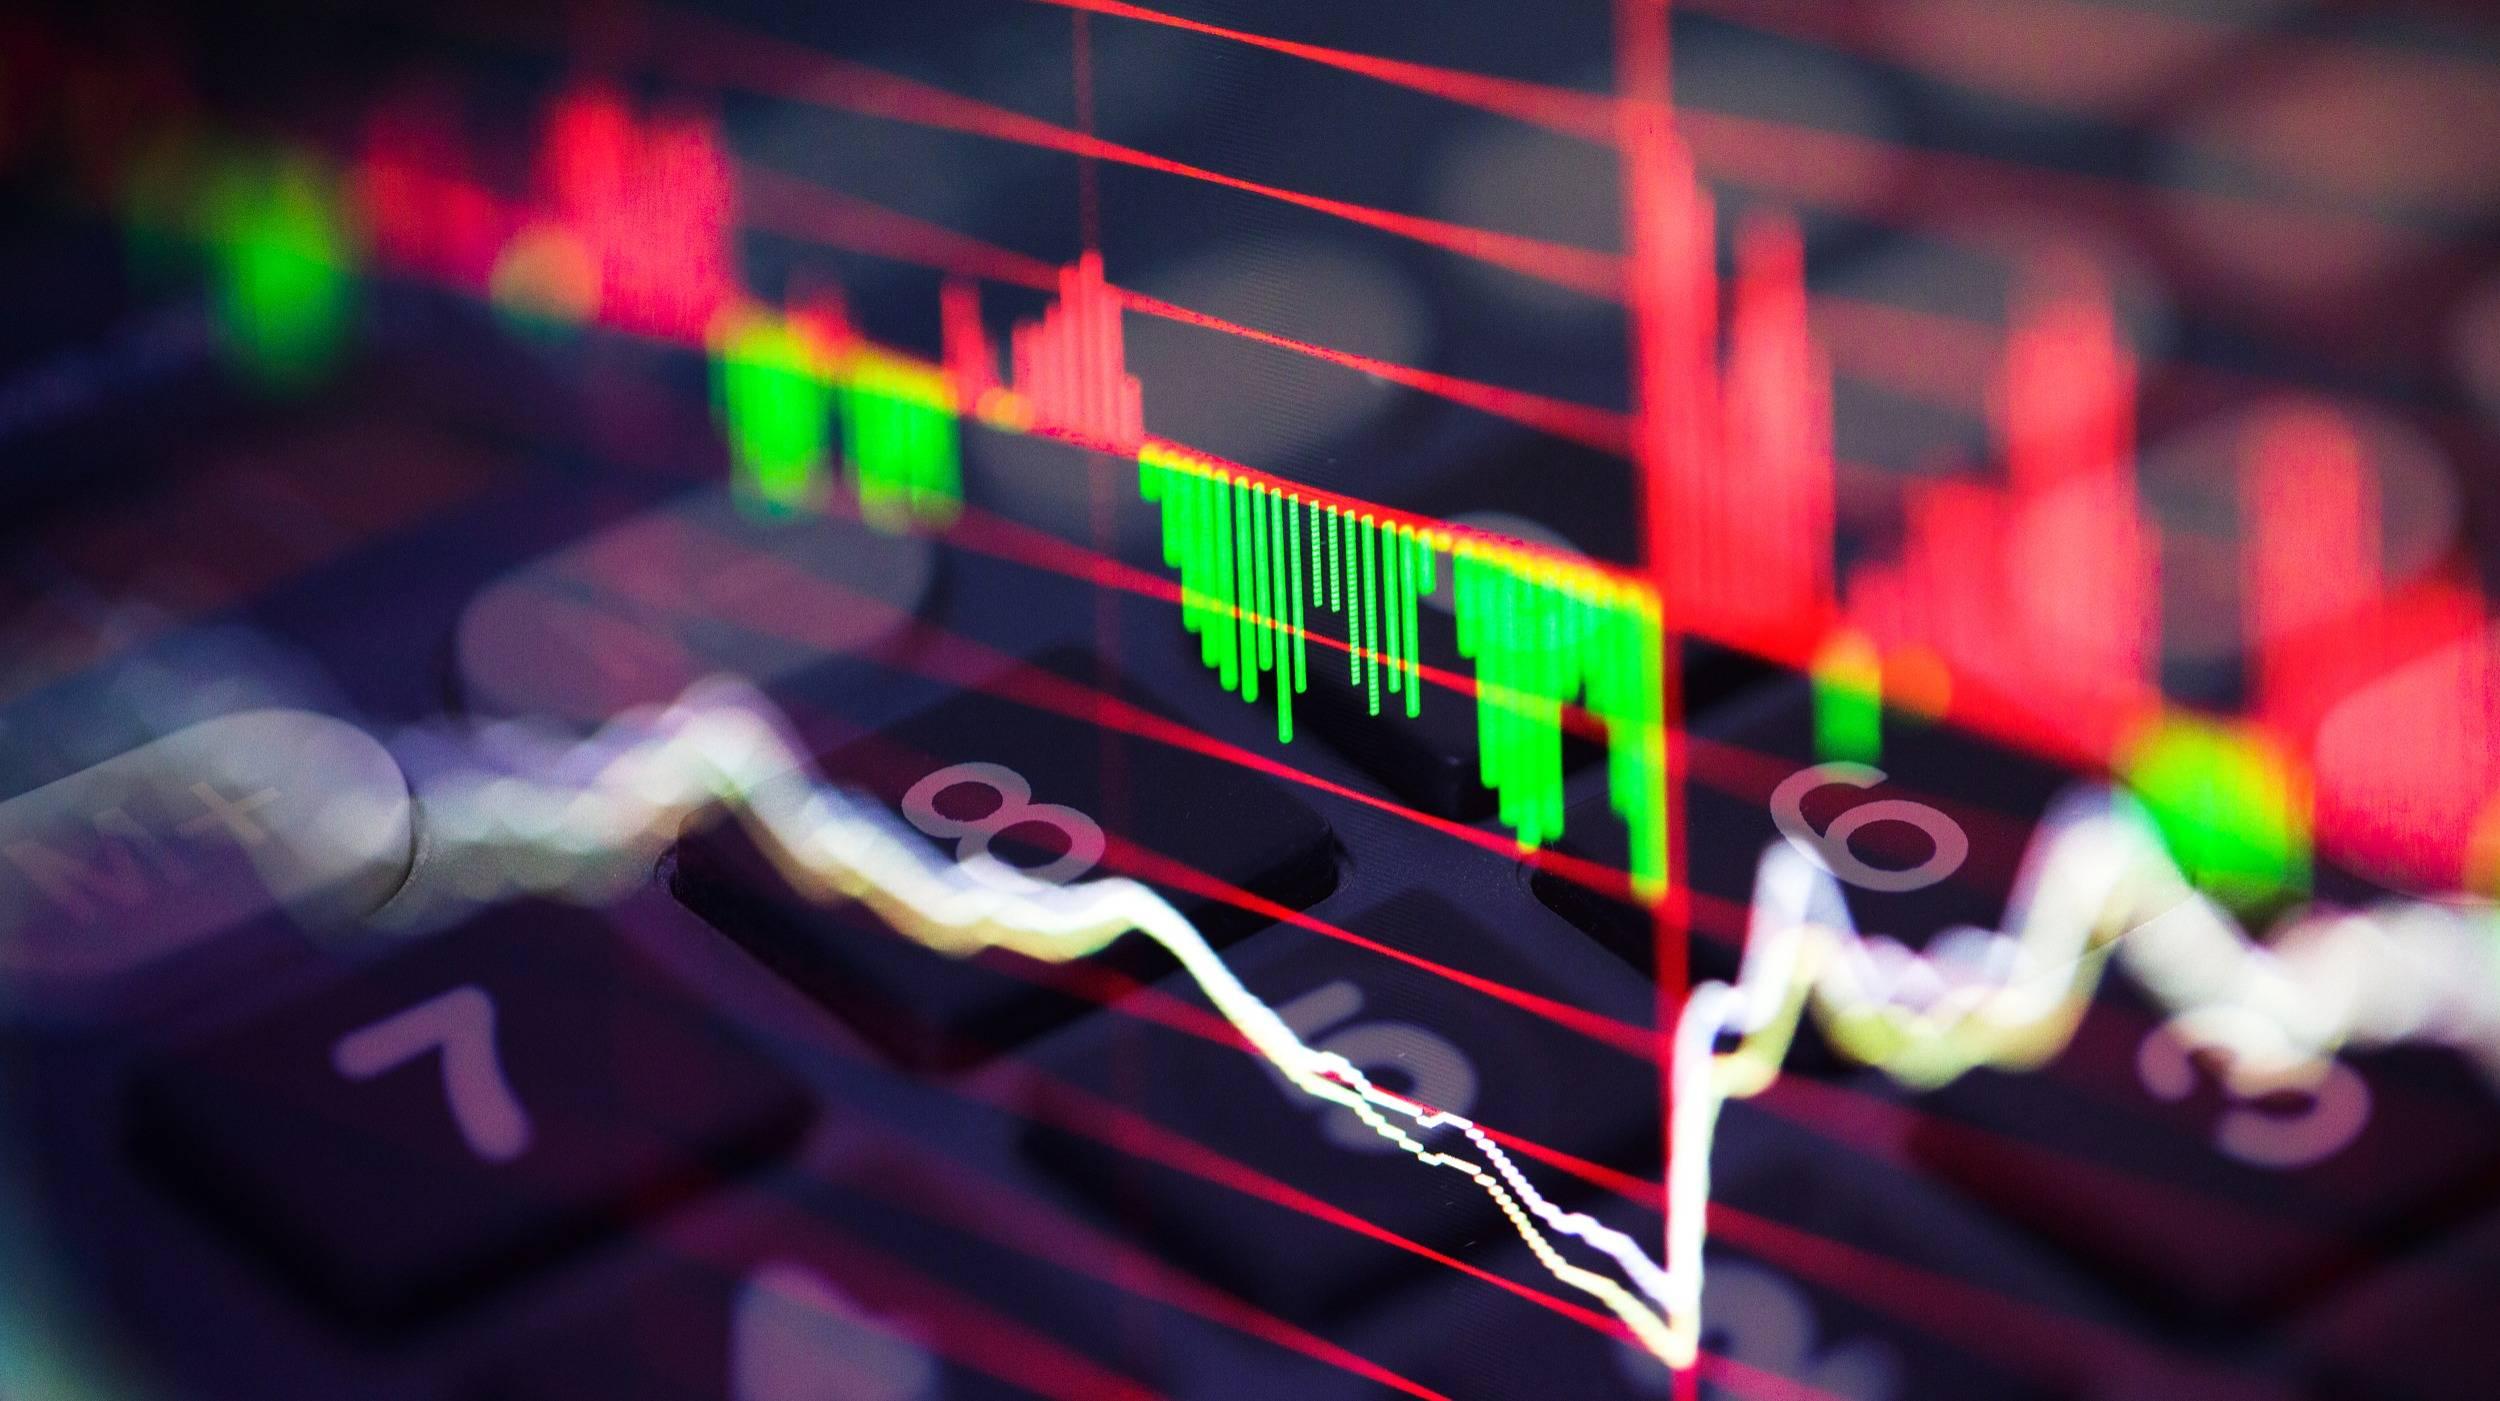 关于现行市场十点的分析和思考